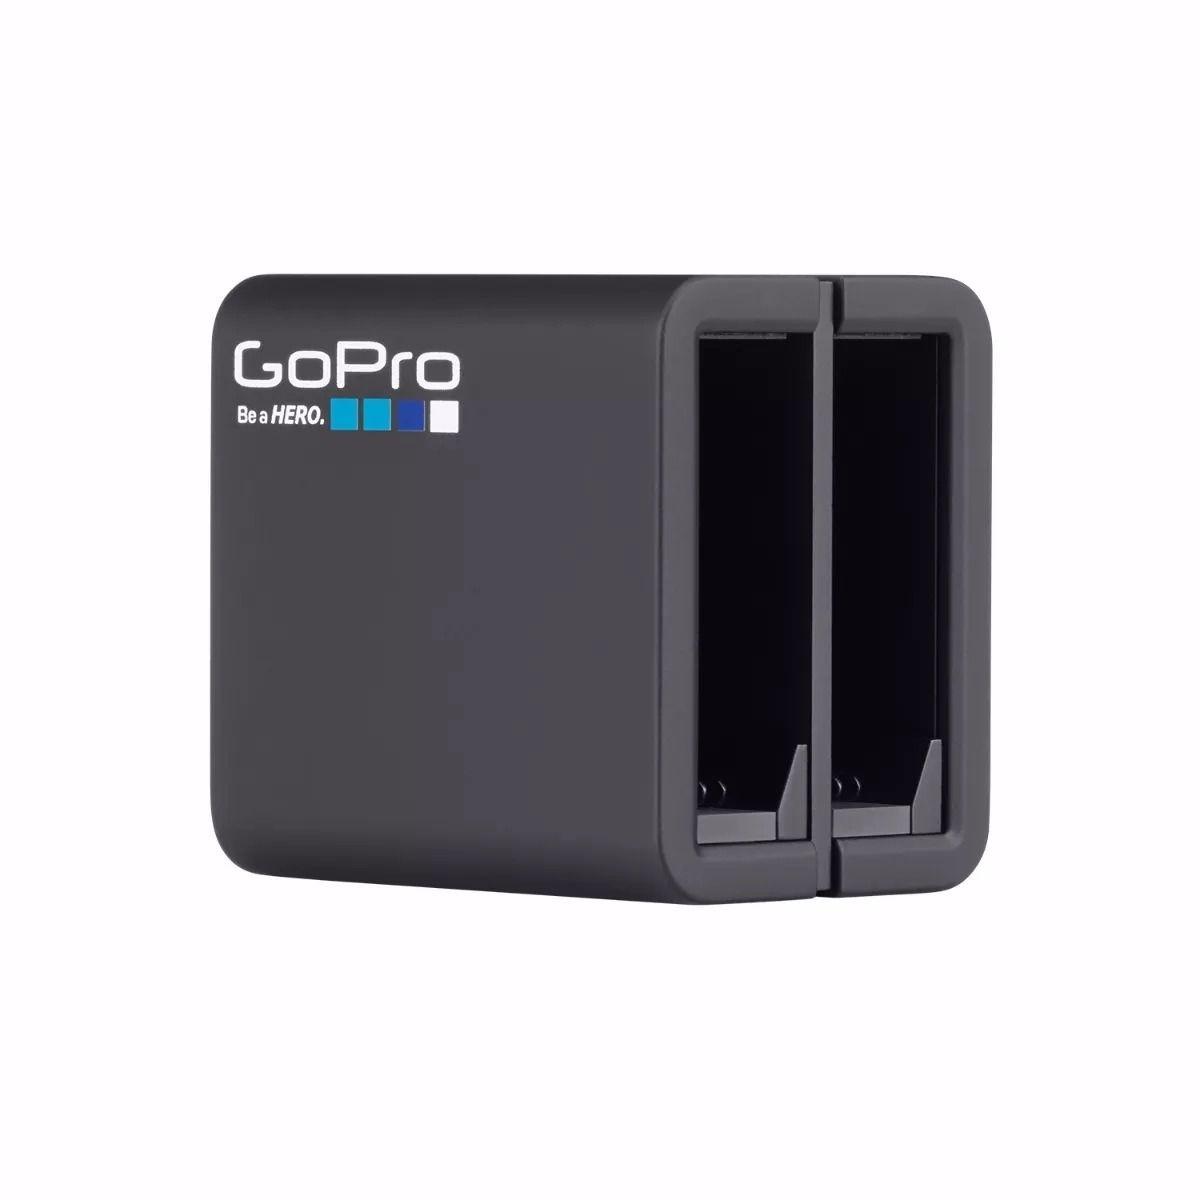 Carregador Duplo + Bateria Original GoPro Hero 4 - AHBBP-401